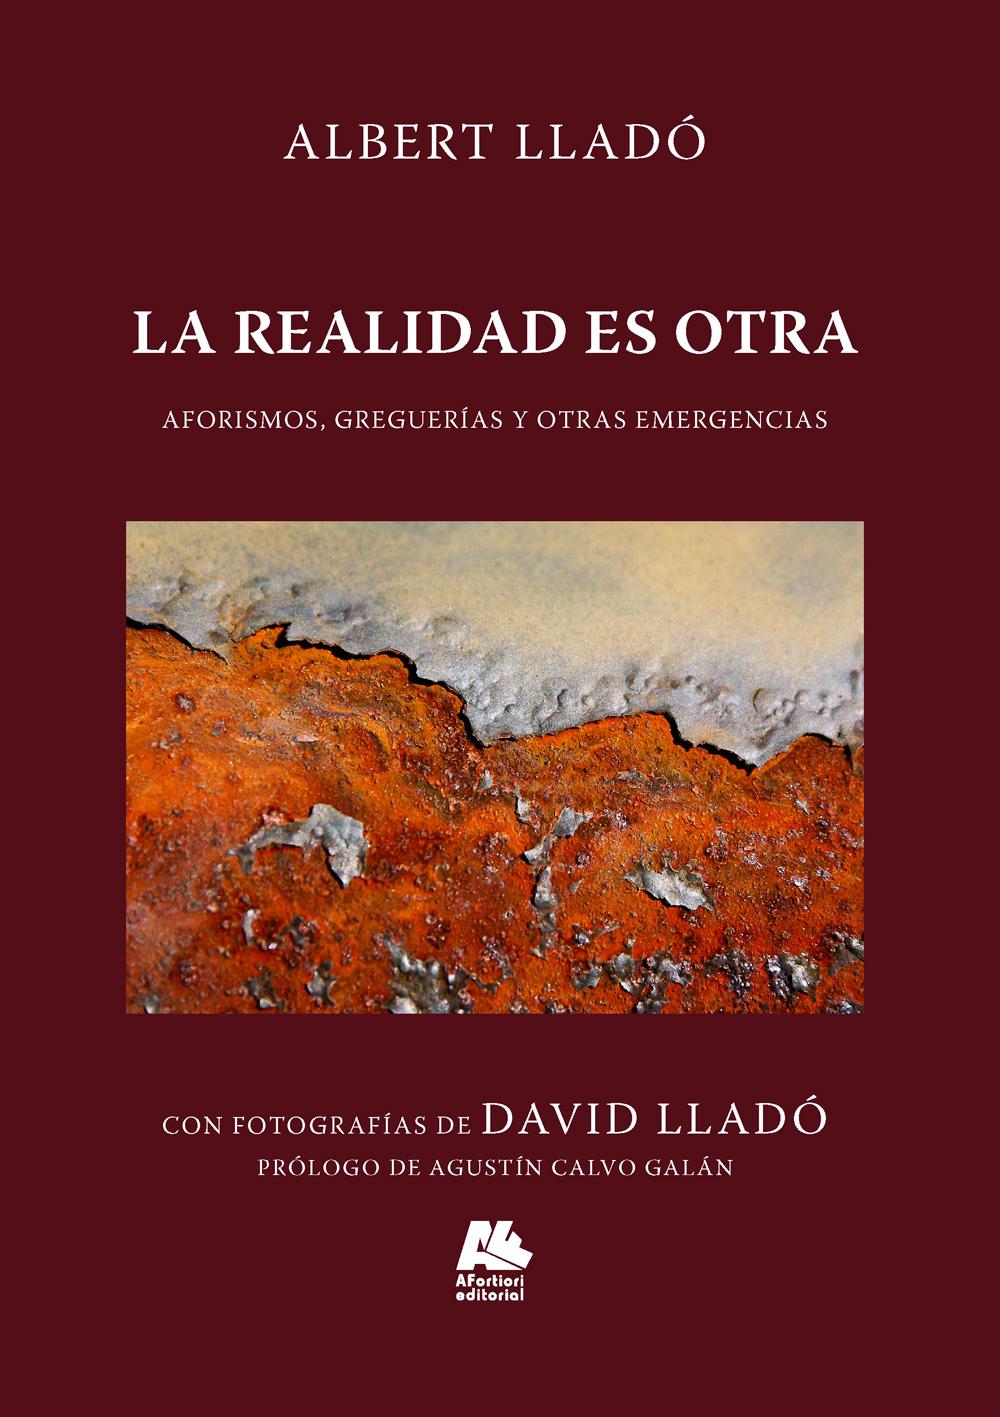 La realidad es otra, Albert Llado, A Fortiori Editorial